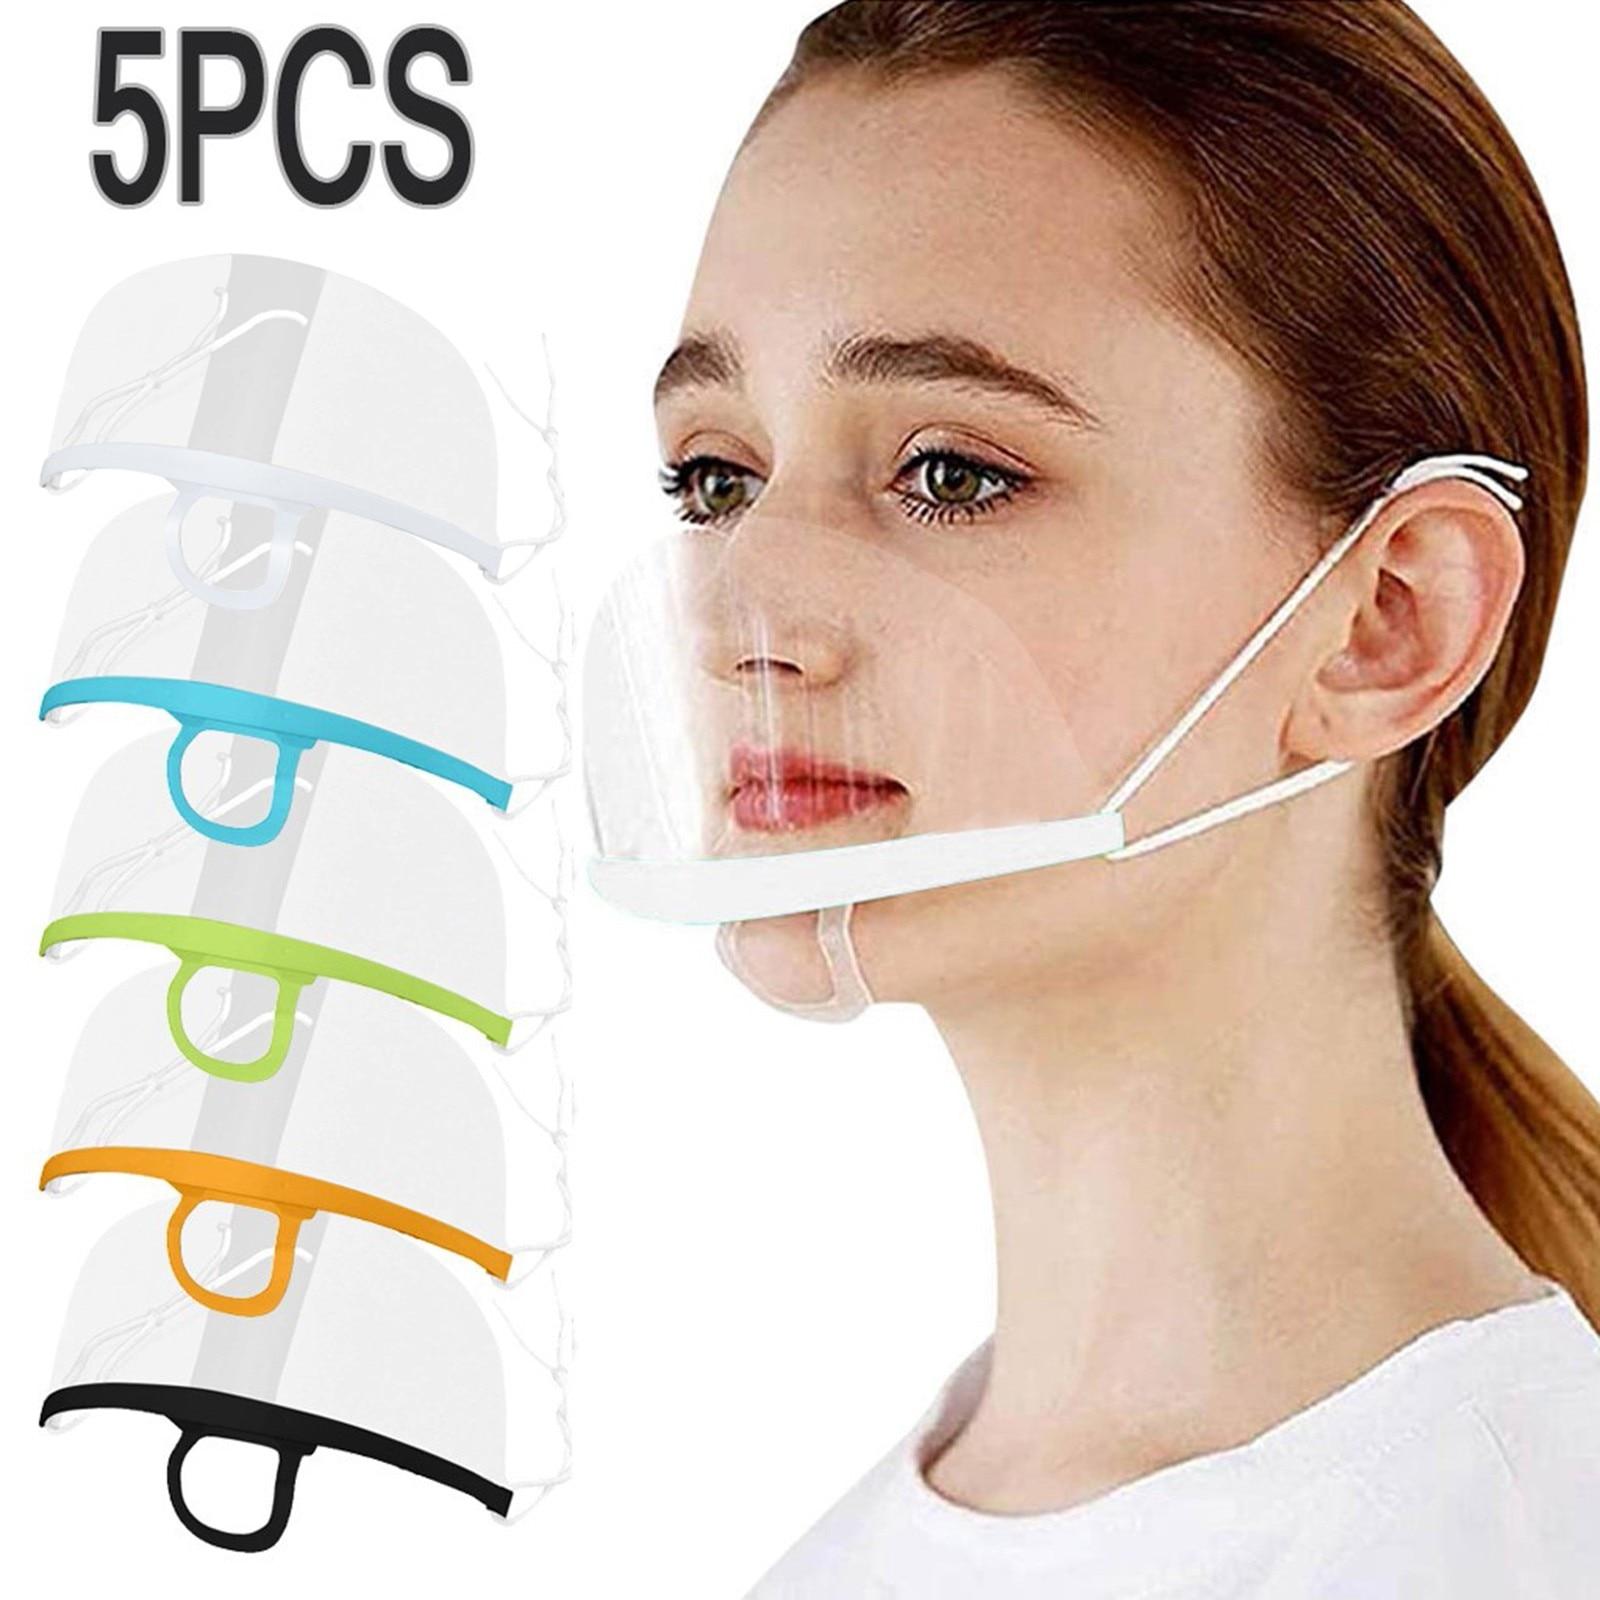 5 pçs máscara protetora de plástico transparente chef serviço de cozinha máscaras lavável reutilizável mascarillas lábio língua rosto máscara boca